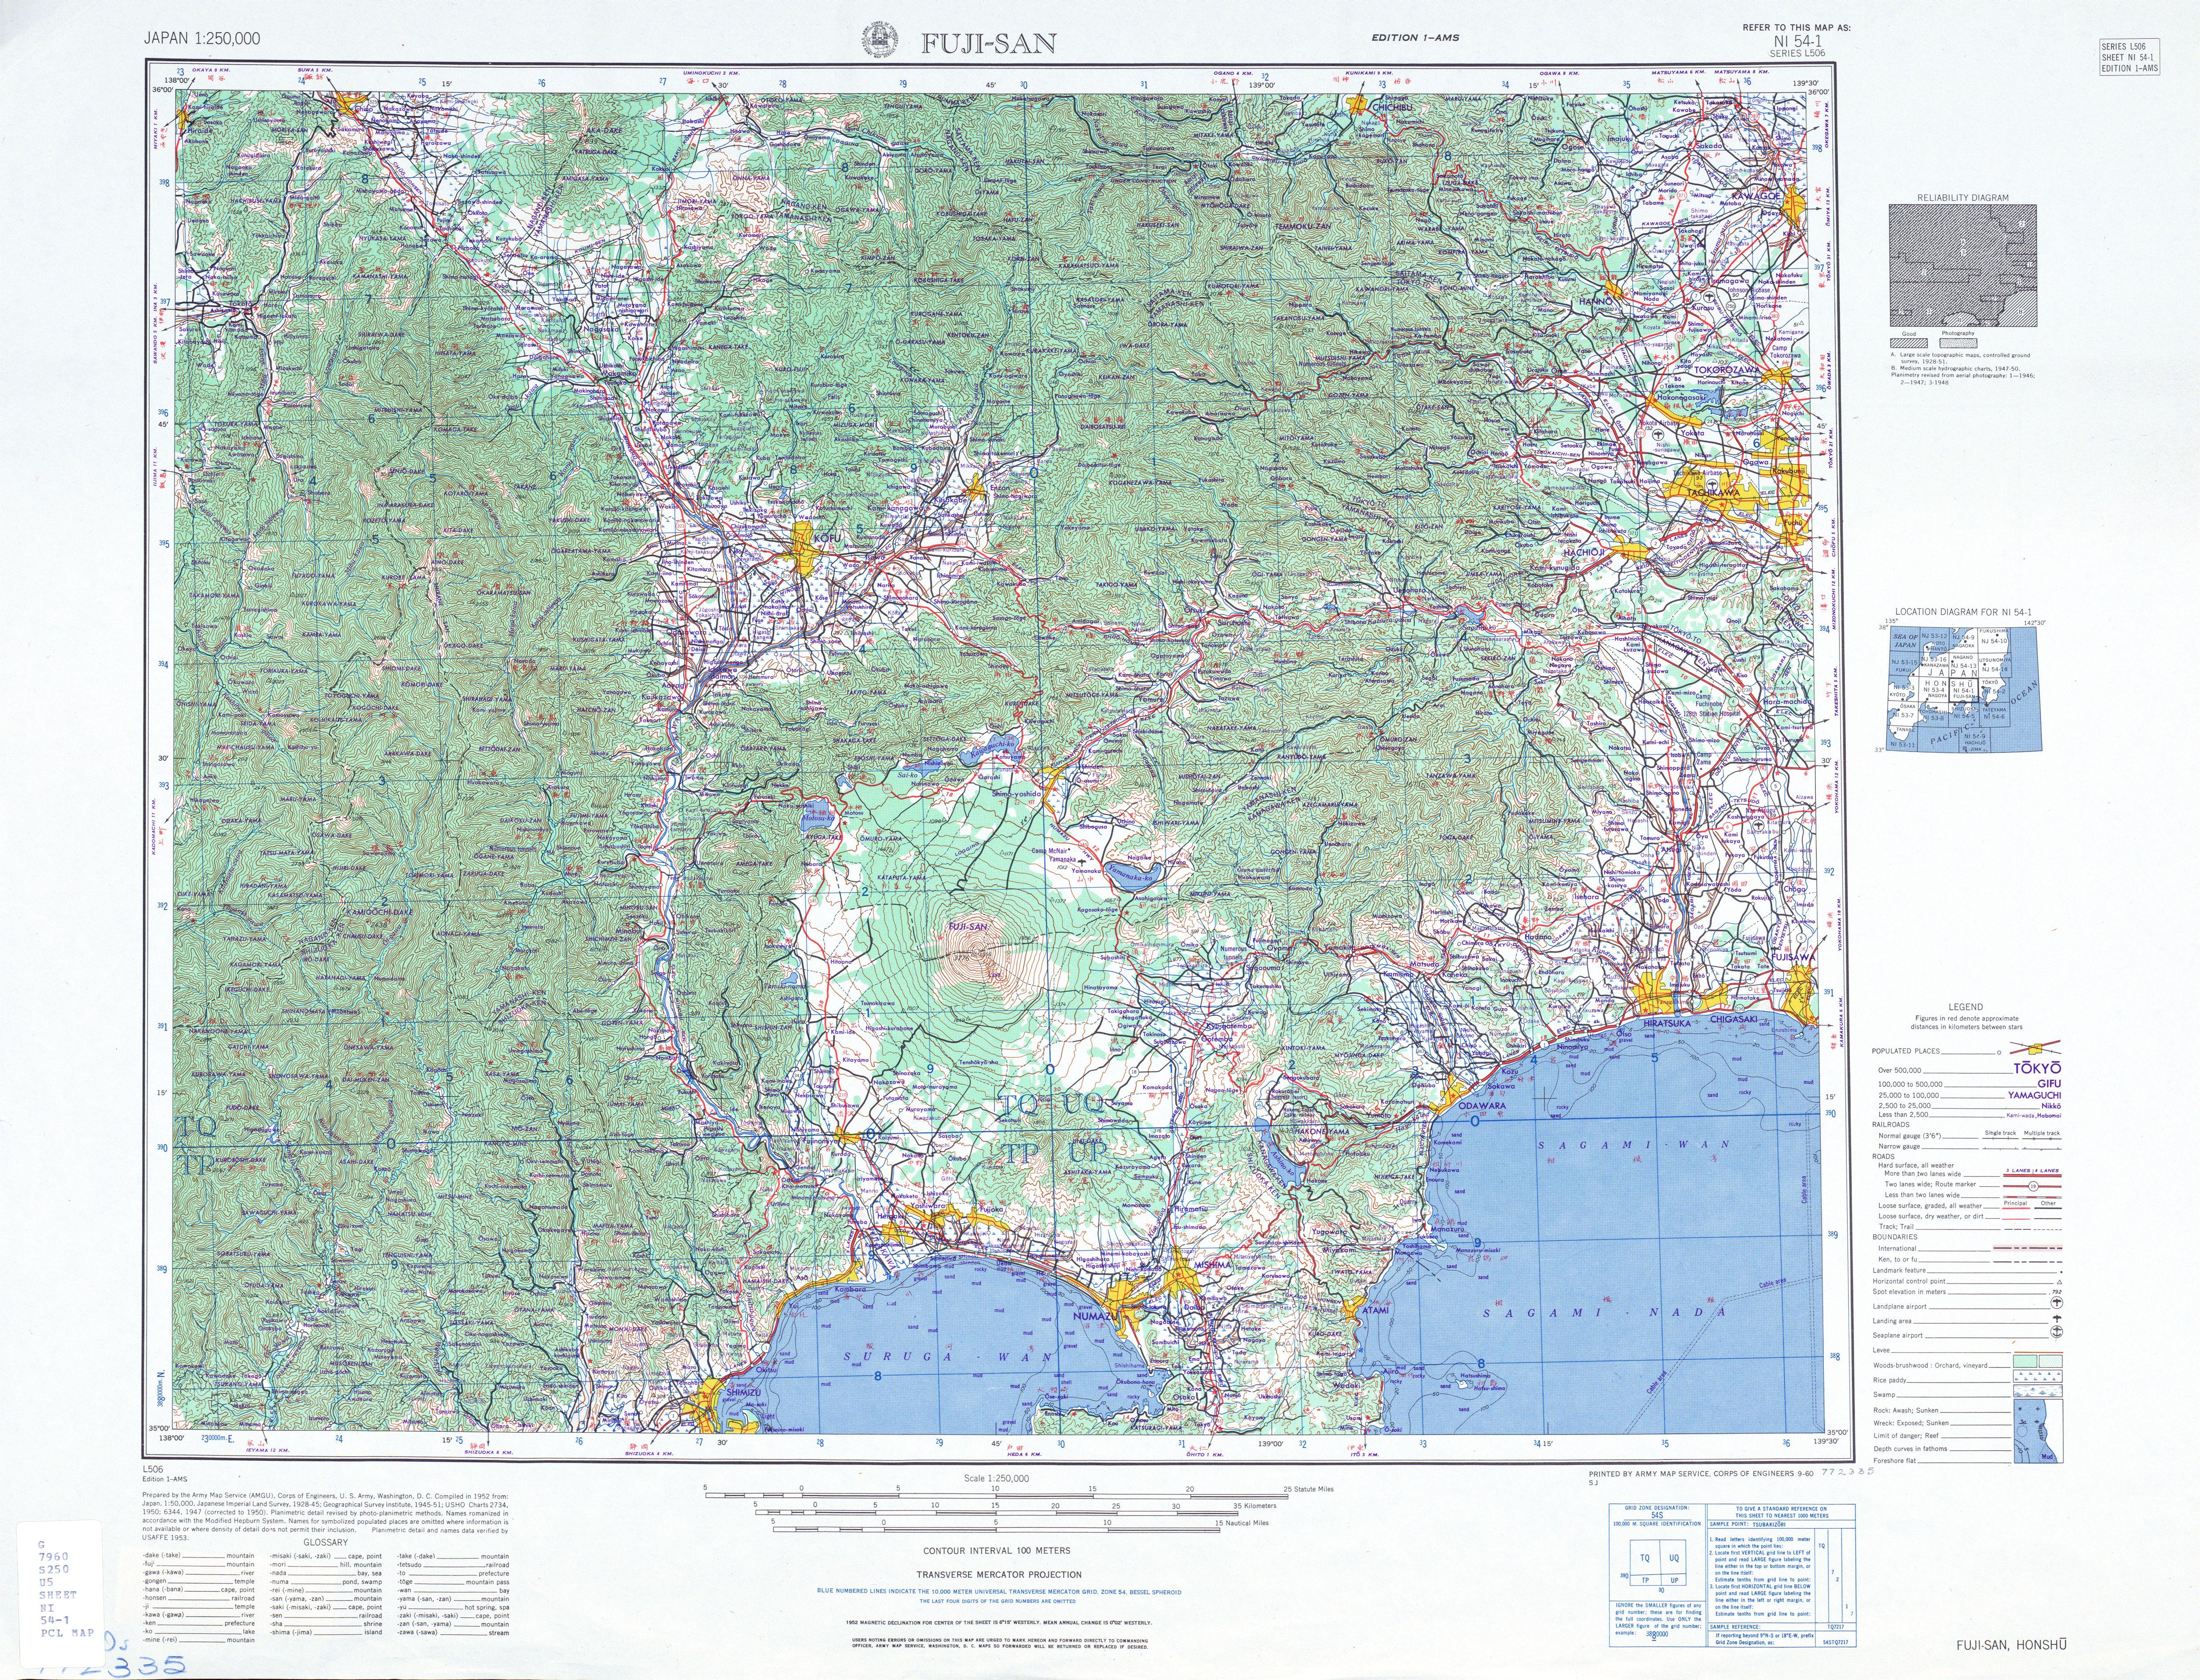 Hoja Fuji-San del Mapa Topográfico de Japón 1954